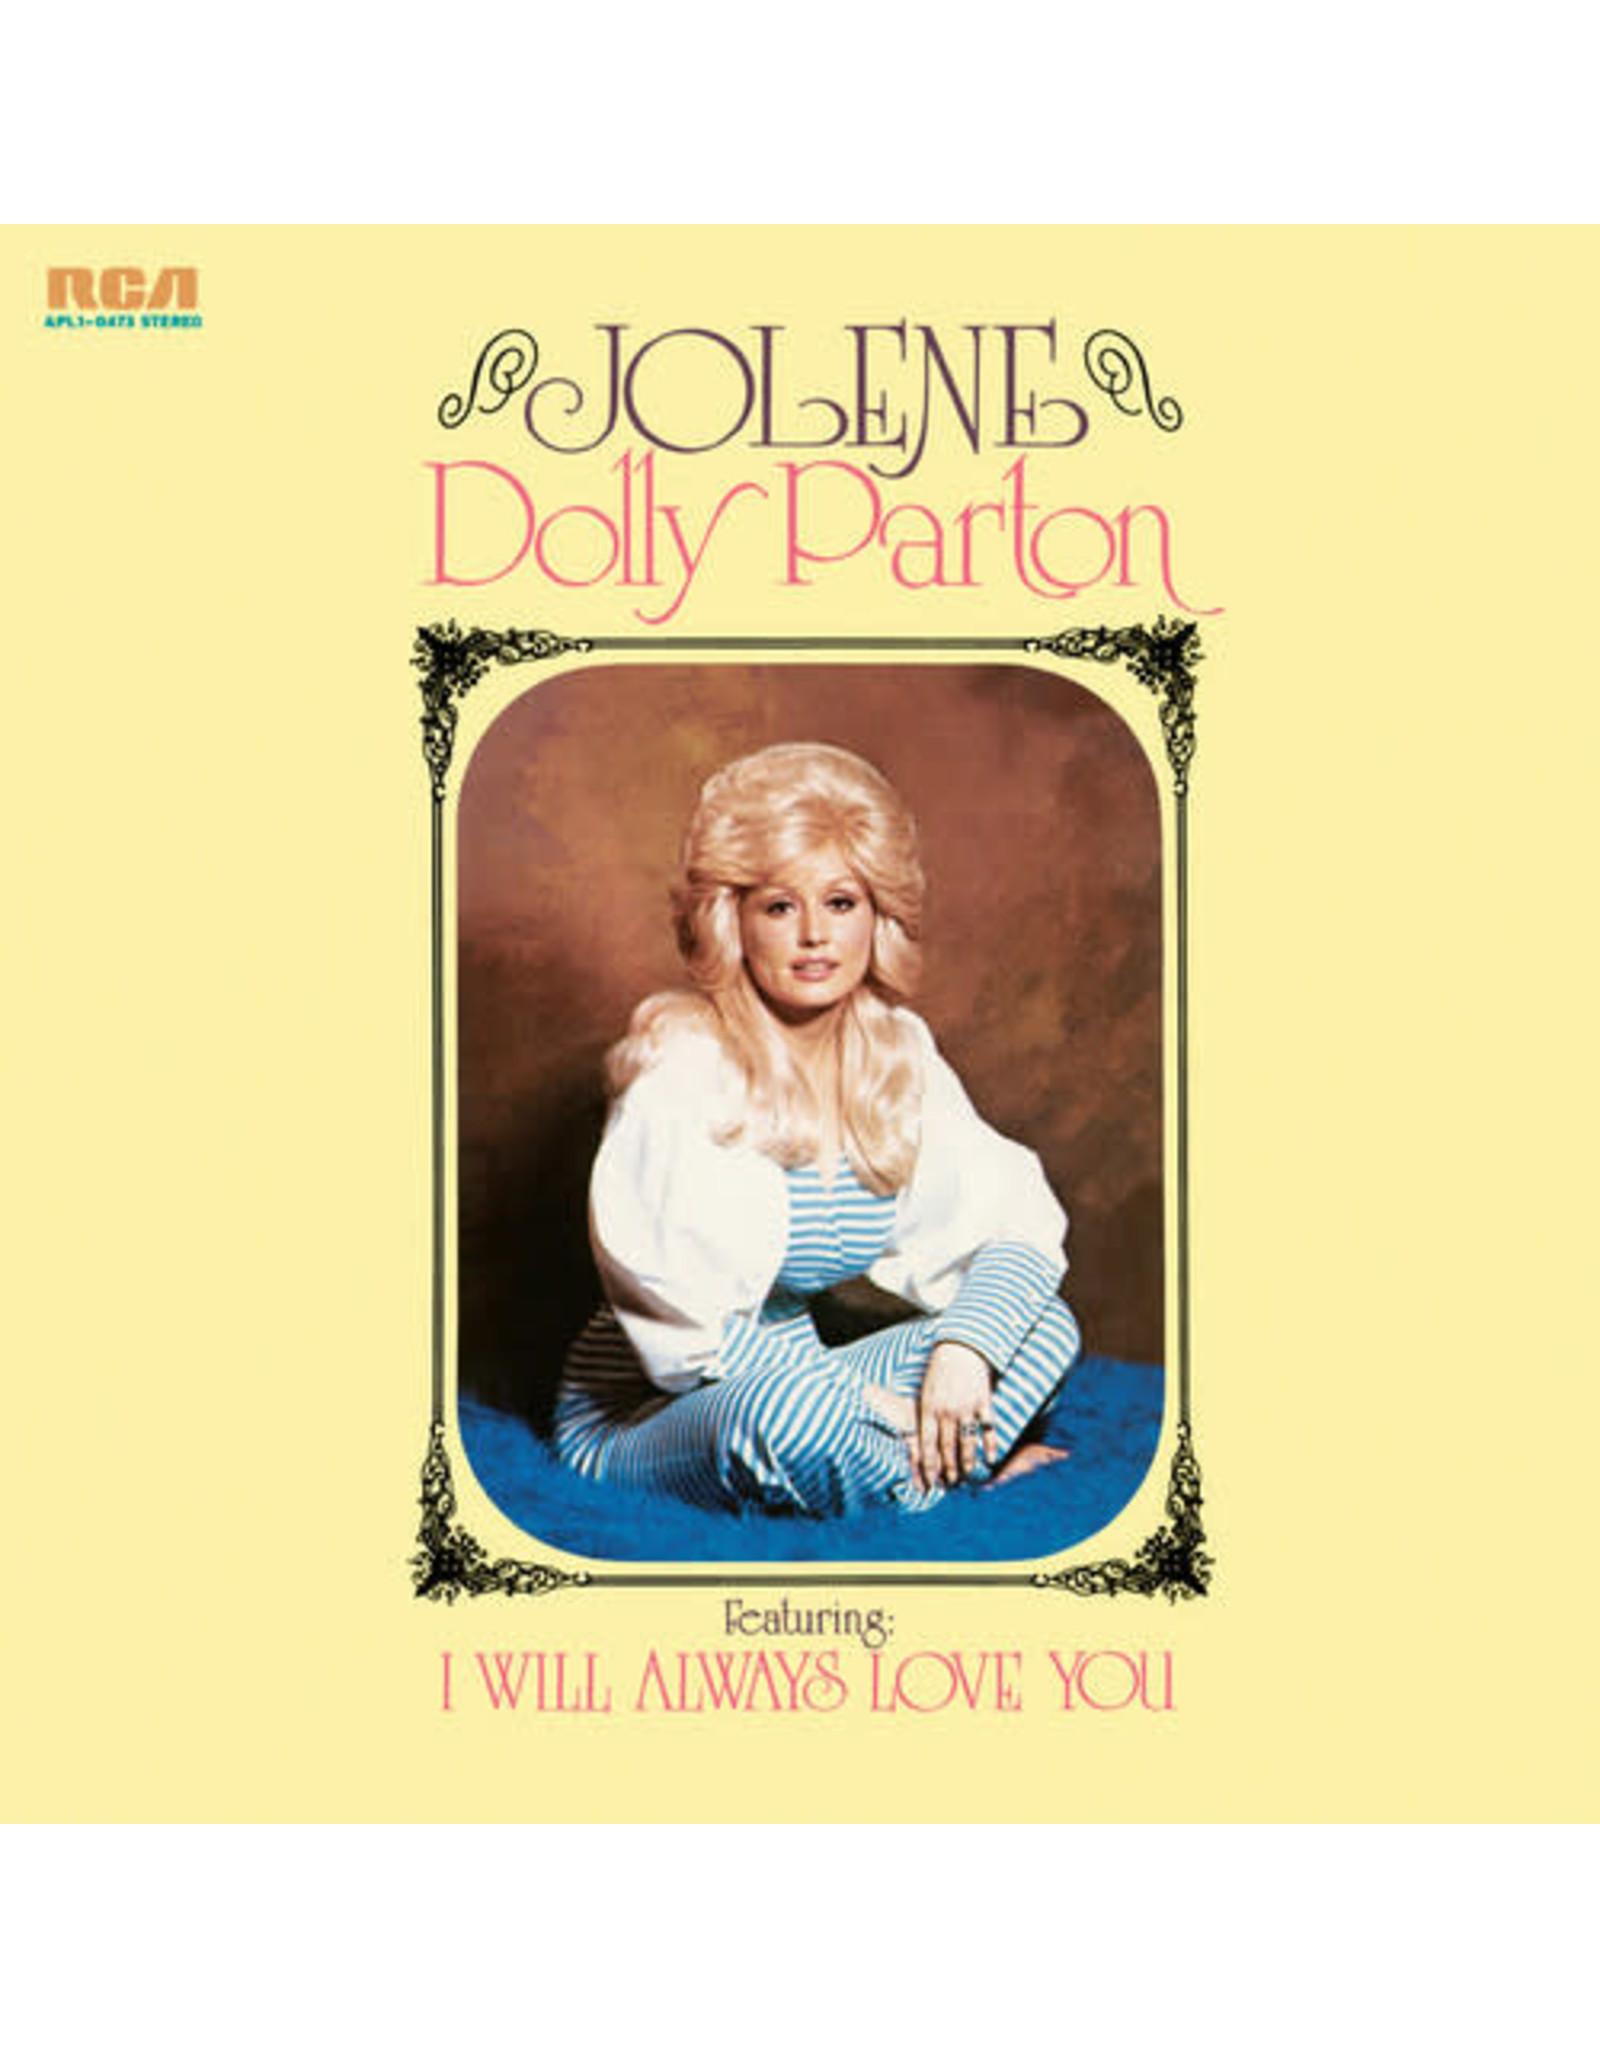 New Vinyl Dolly Parton - Jolene LP